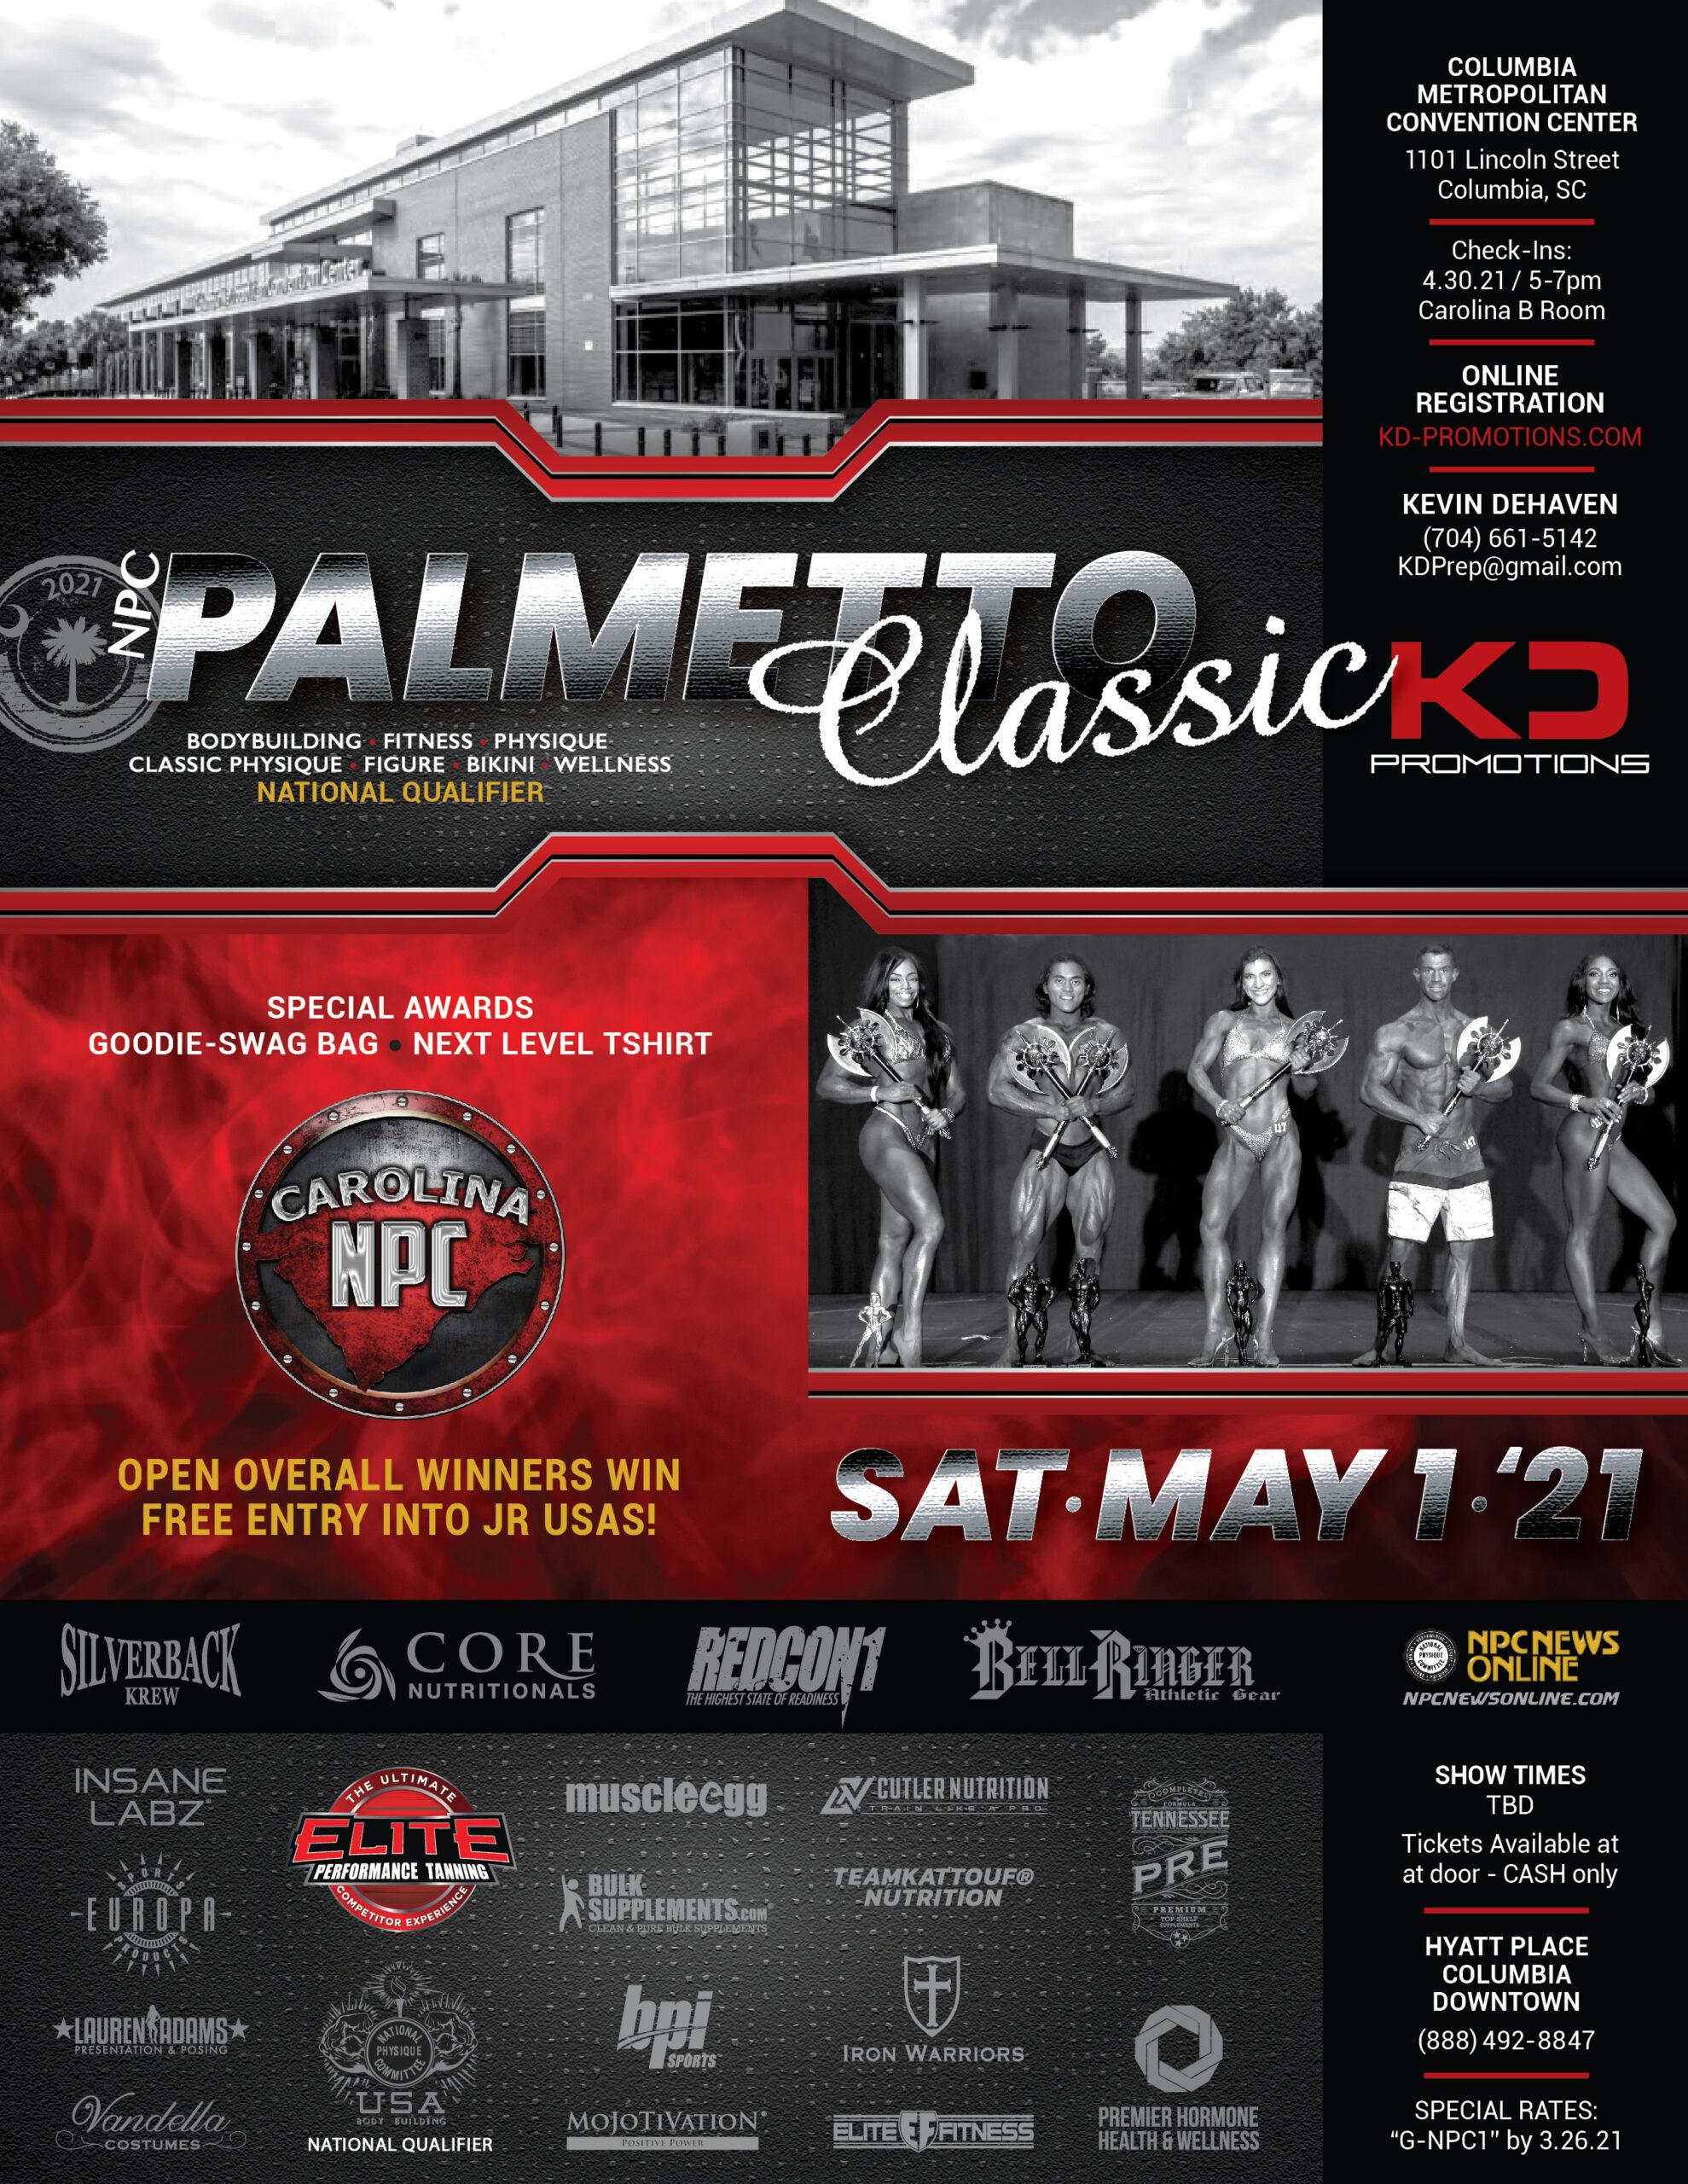 Palmetto Classic